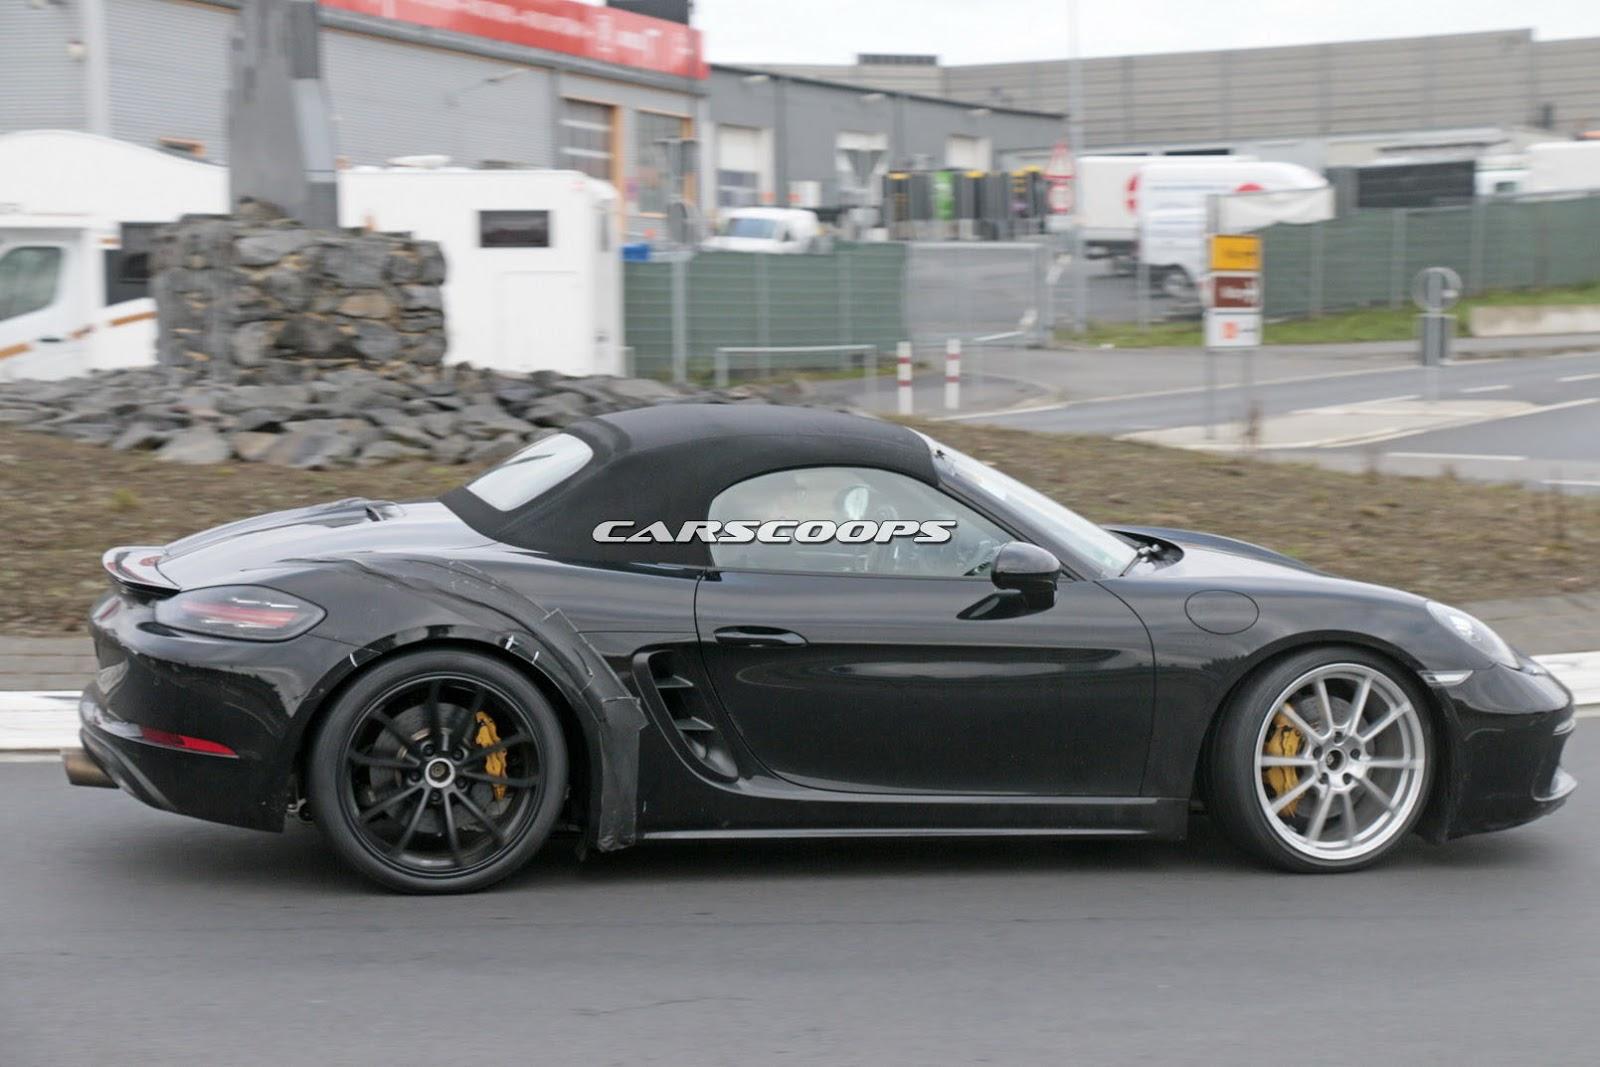 Porsche-Boxster-GTS-5.jpg